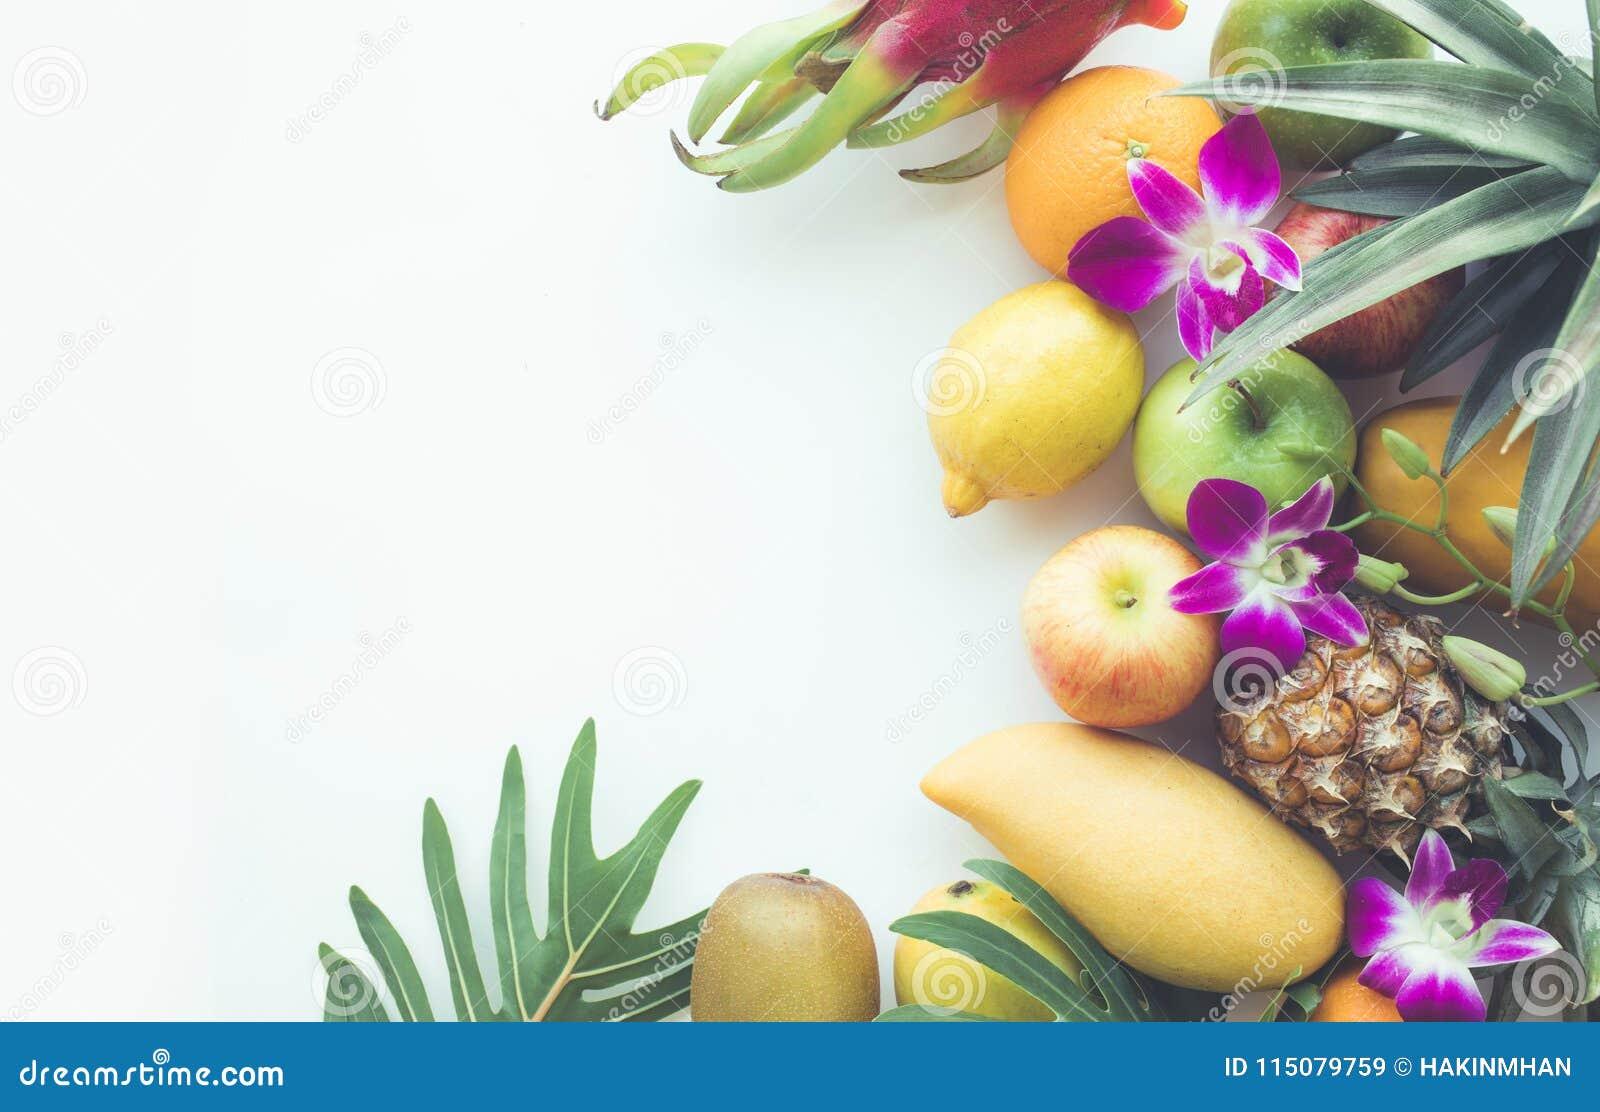 Ομάδα φρούτων στο άσπρο διάστημα